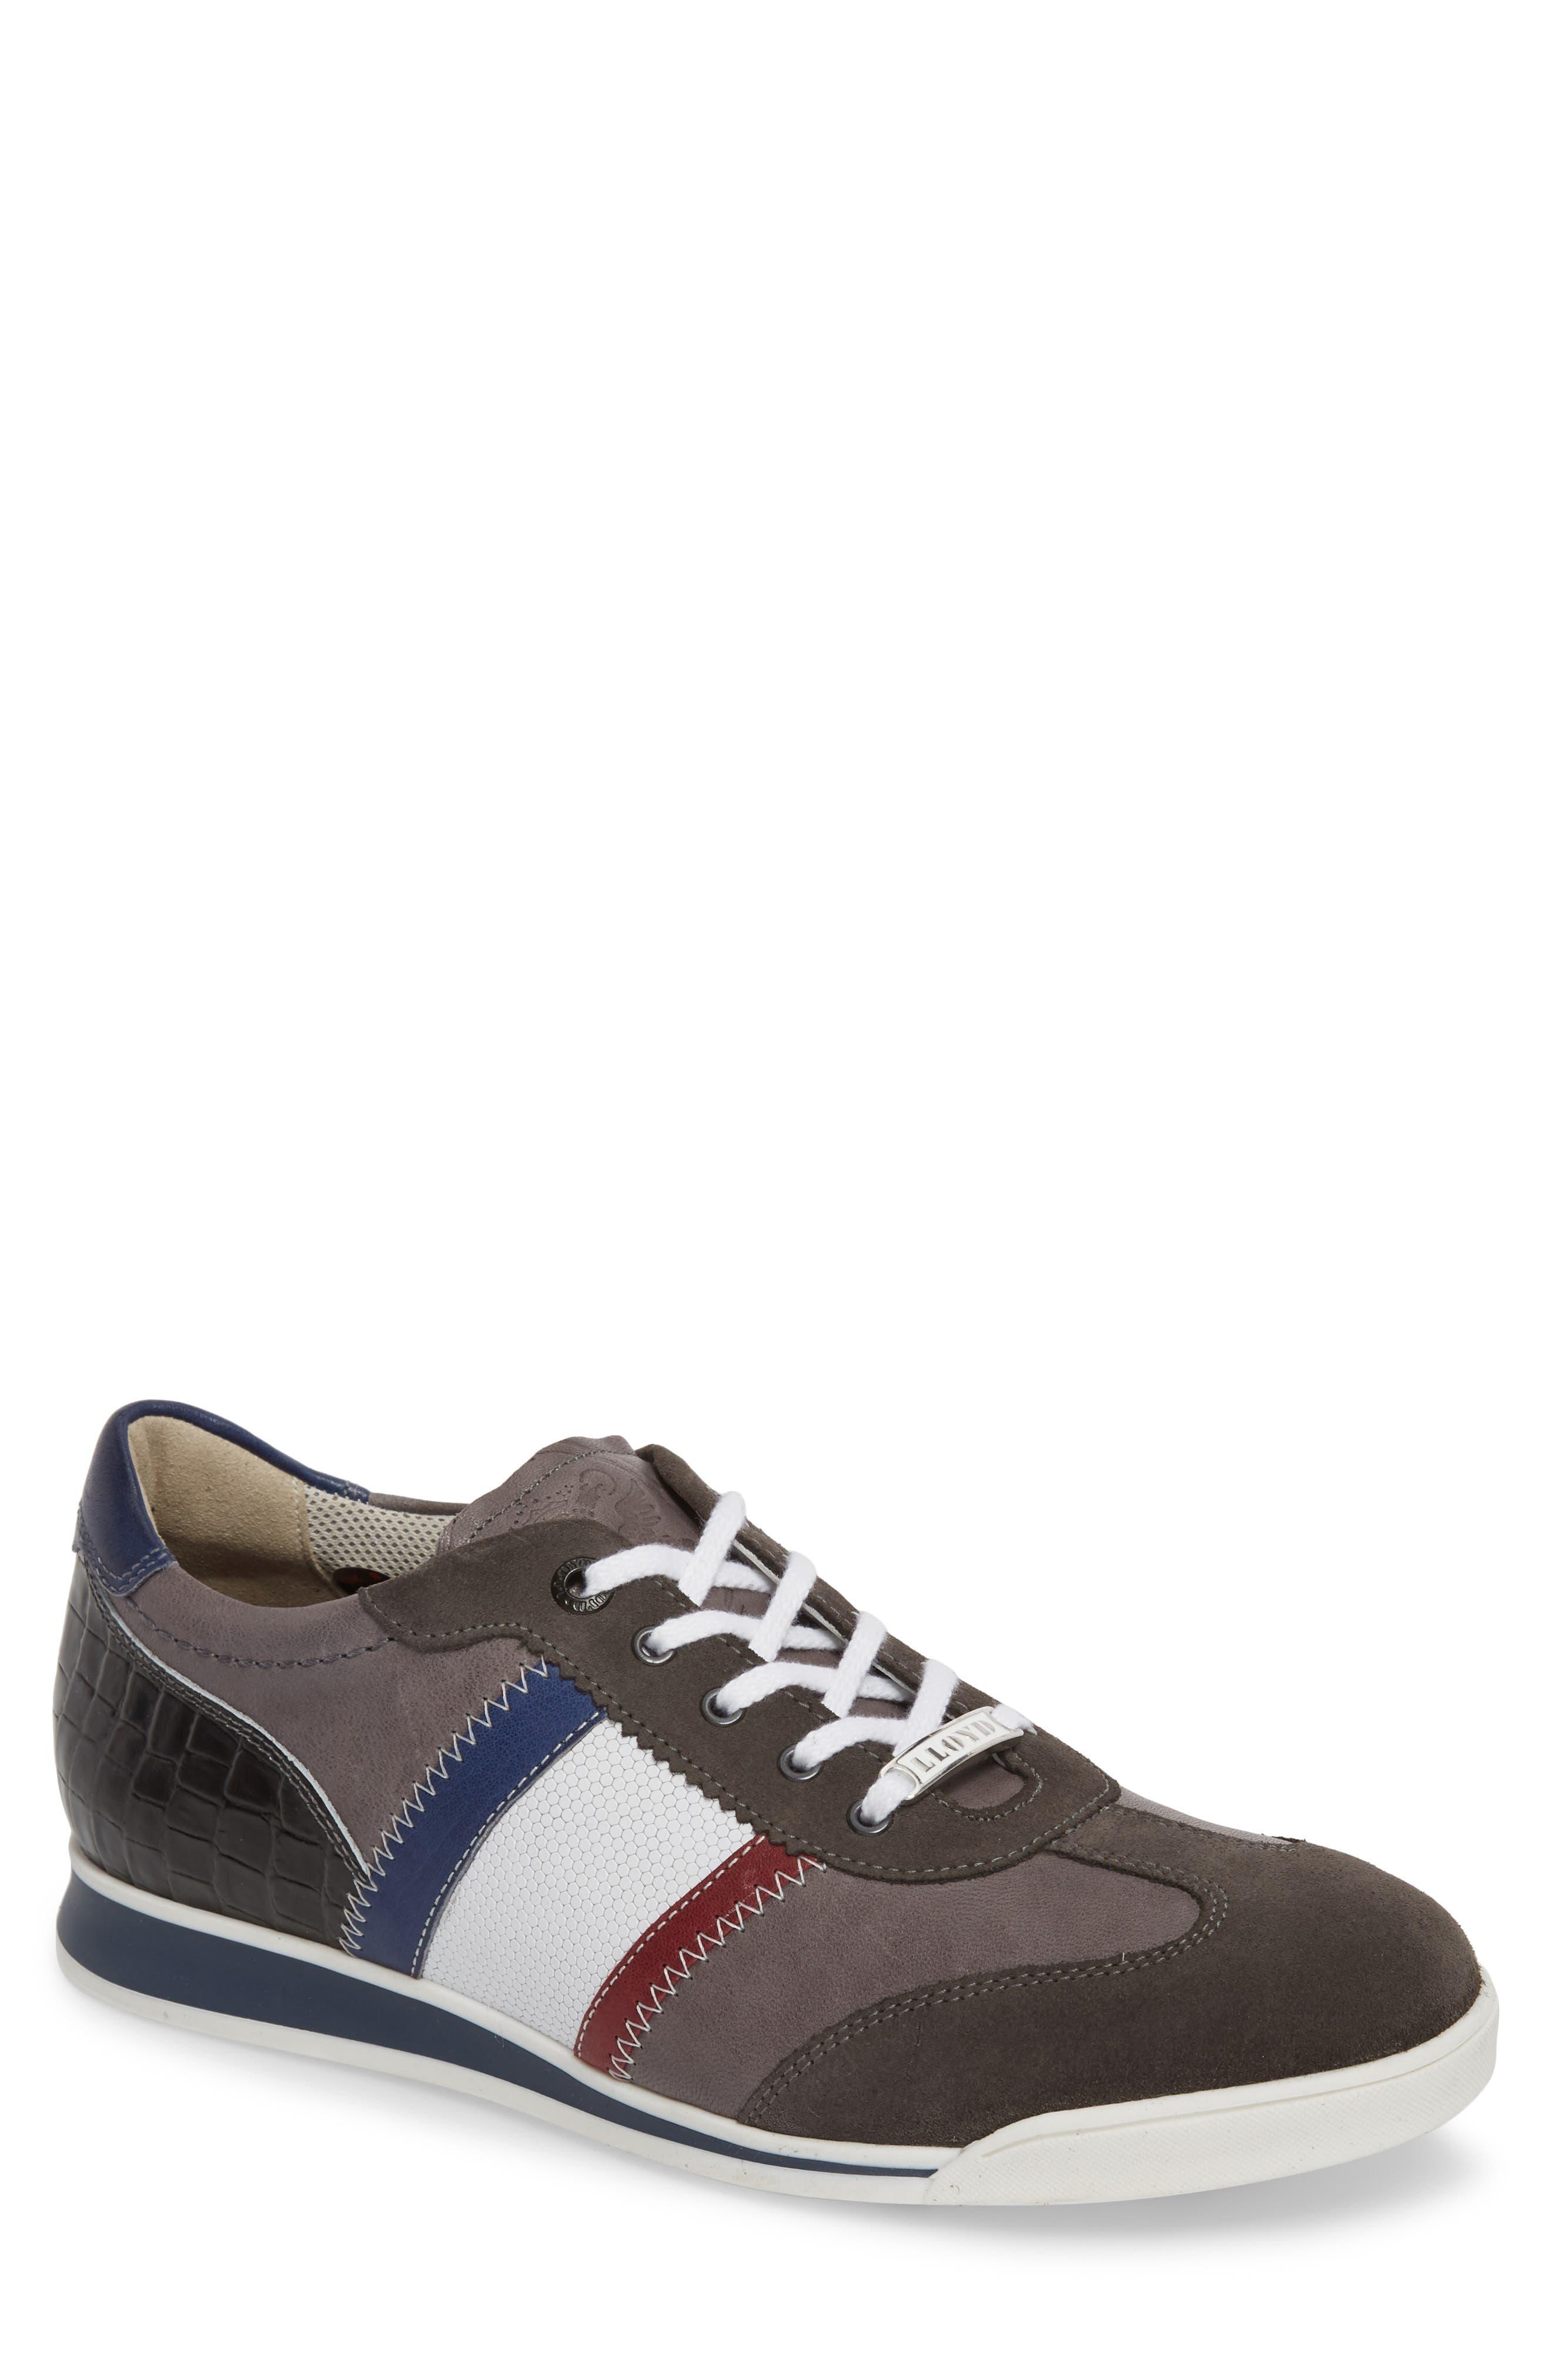 Lloyd Men's Aaron Low Top Sneaker